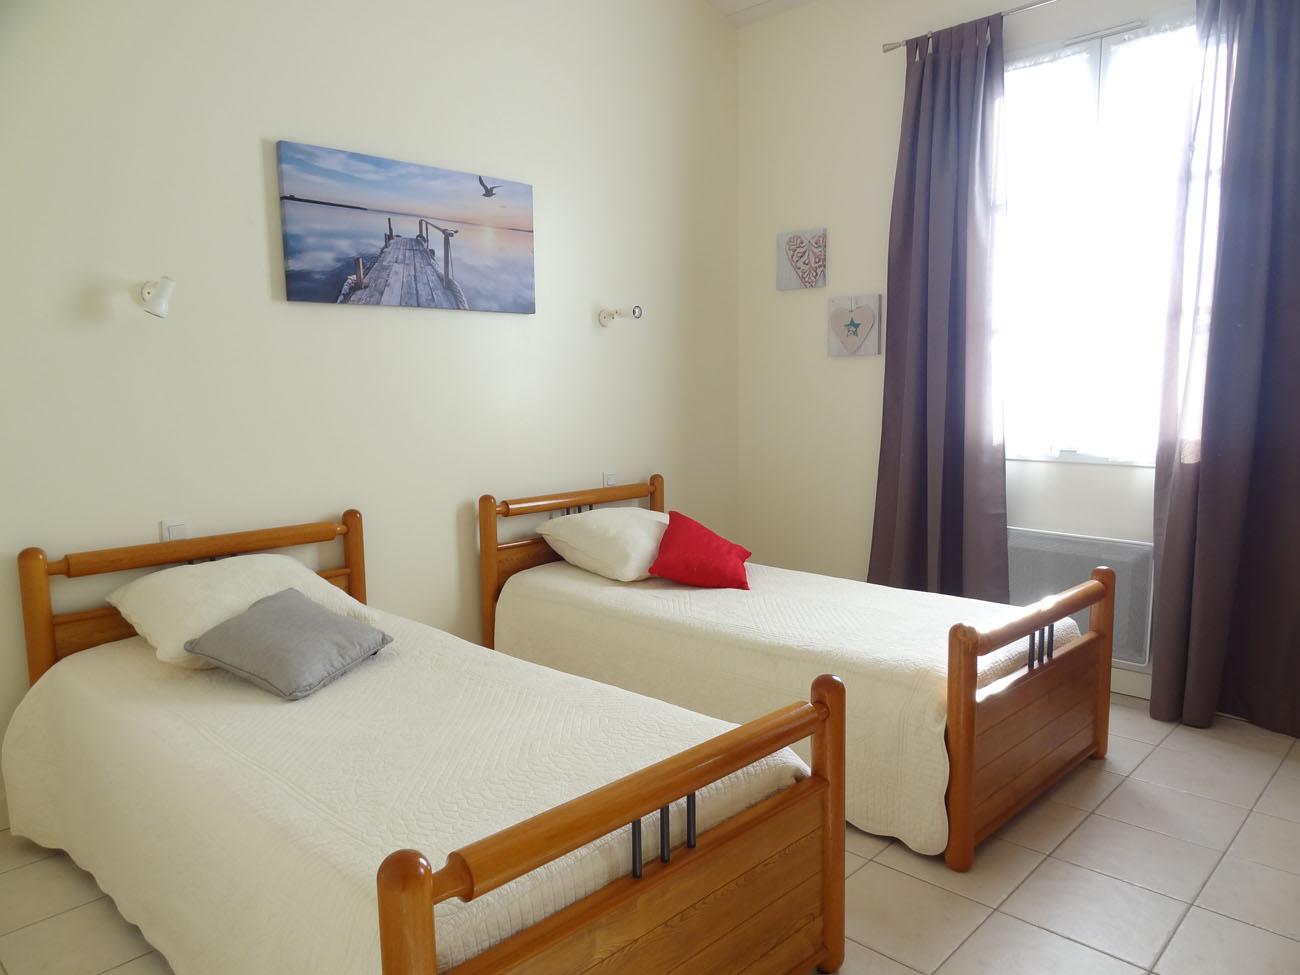 Location Appartement Île de Ré - Colombelle - Chambre